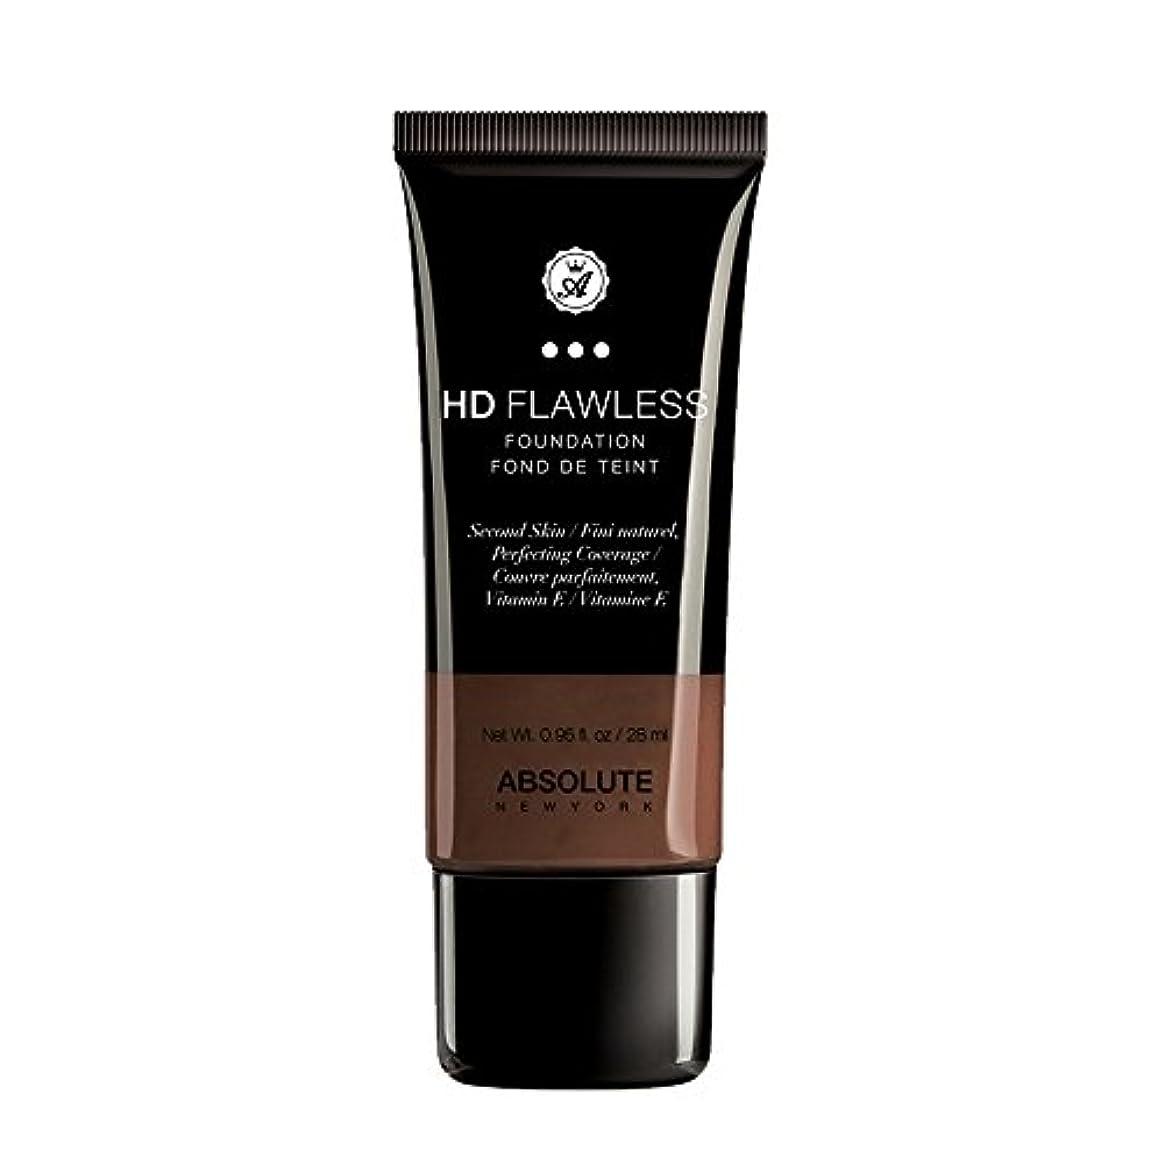 決して寝具後者(3 Pack) ABSOLUTE HD Flawless Fluid Foundation - Espresso (並行輸入品)